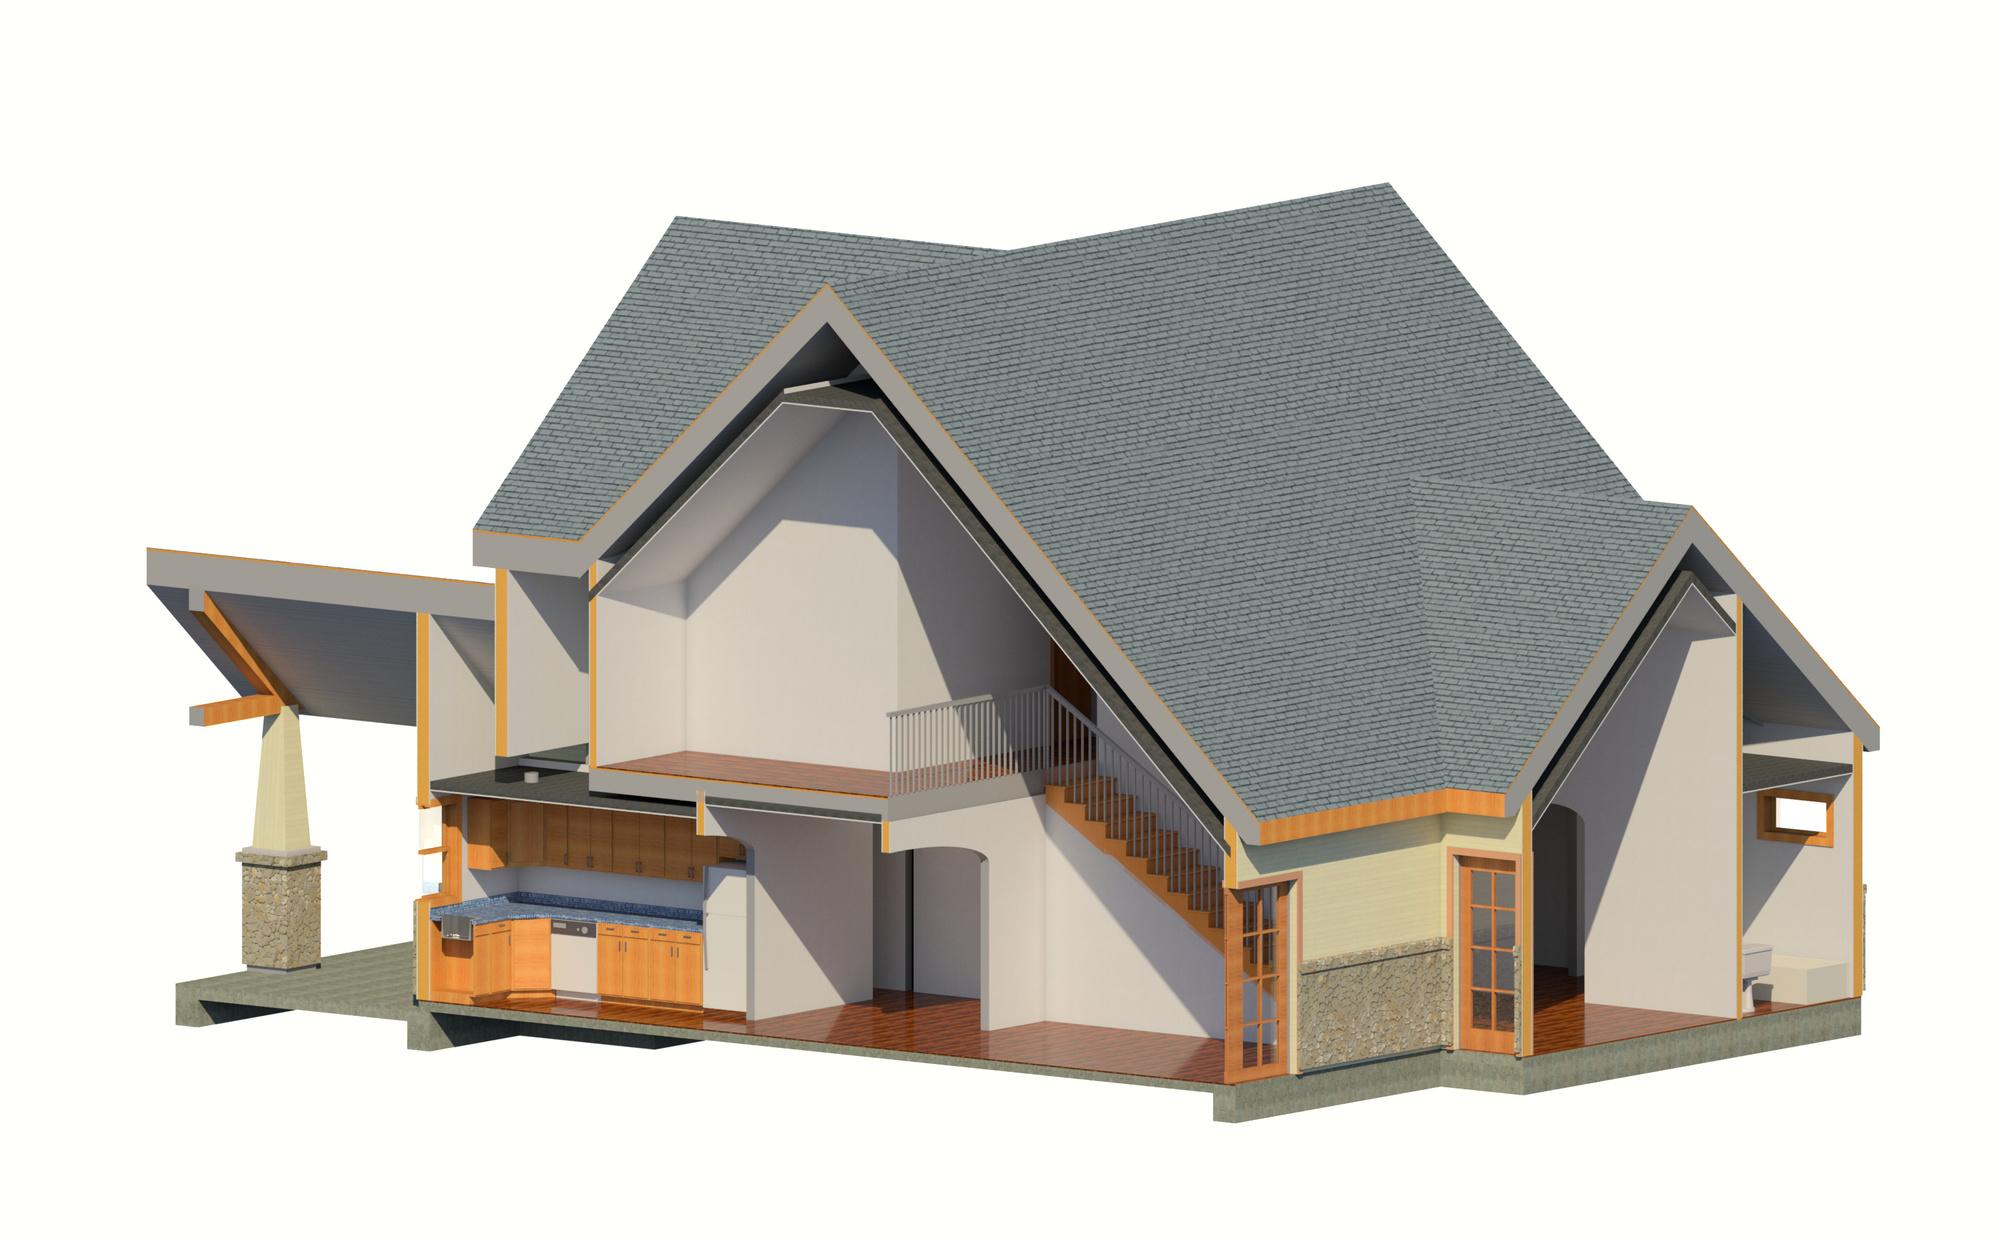 Raas-rendering20150513-15940-r498jw